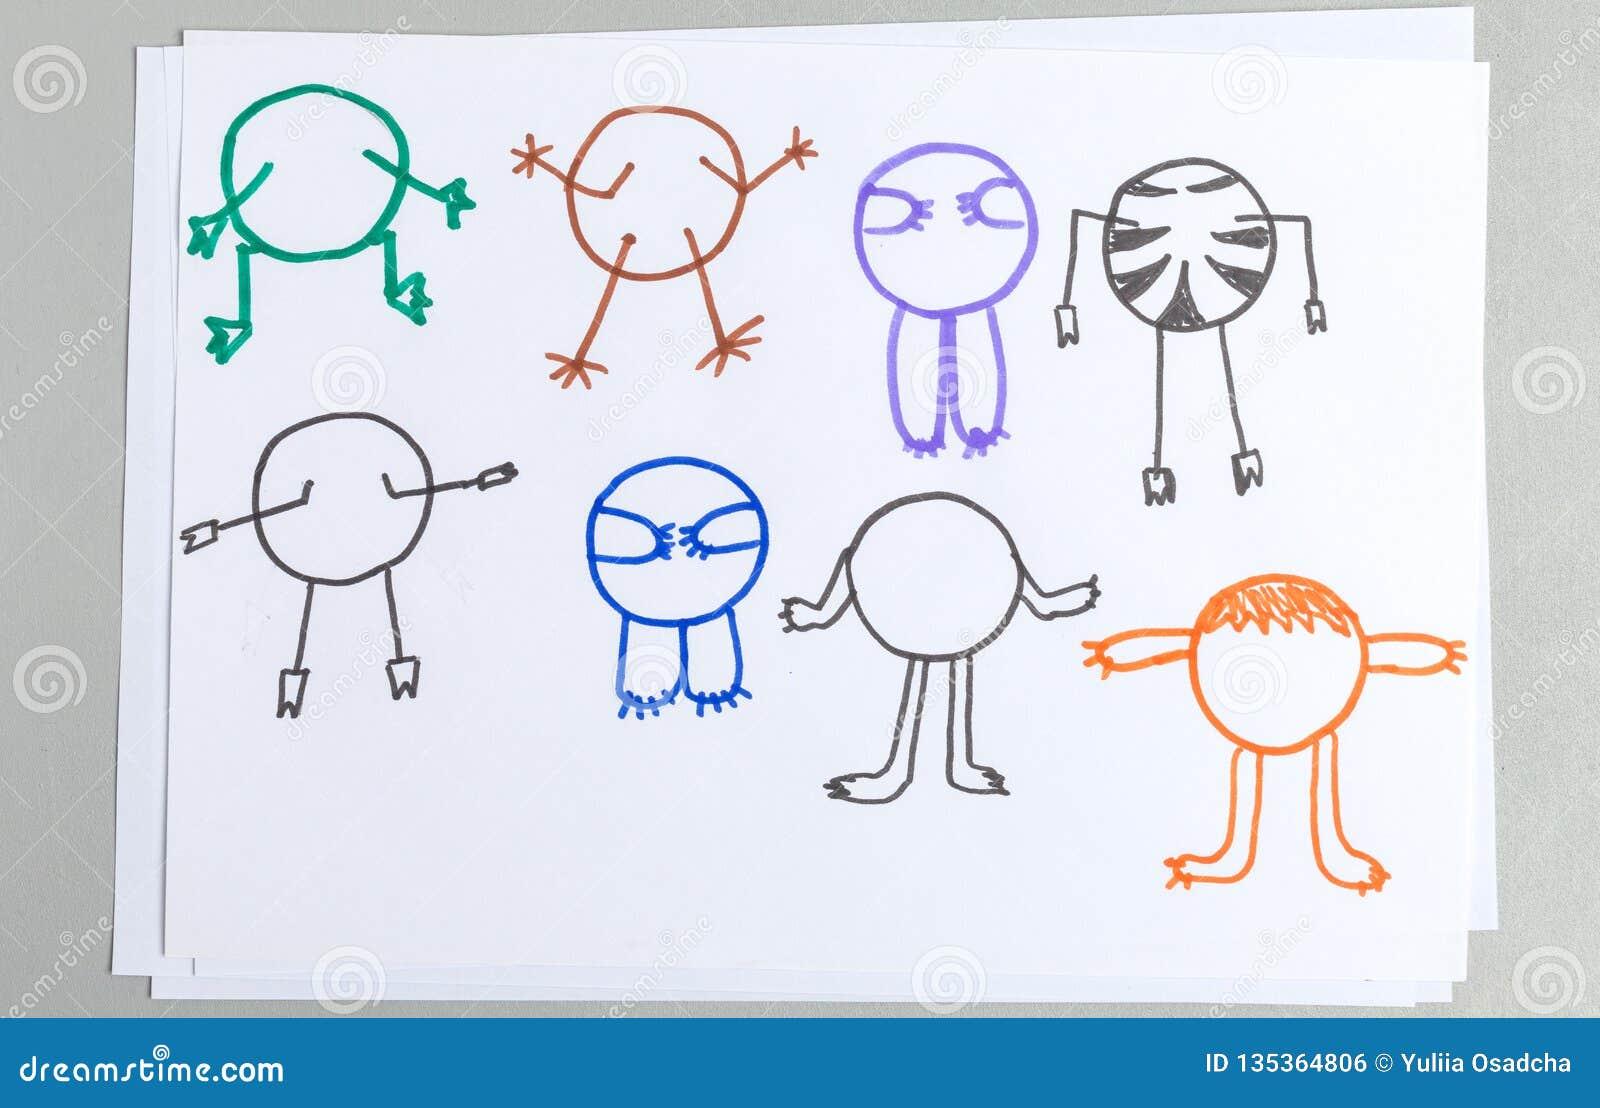 Ensemble de dessins d enfant de corps animal différent avec des bras et des jambes